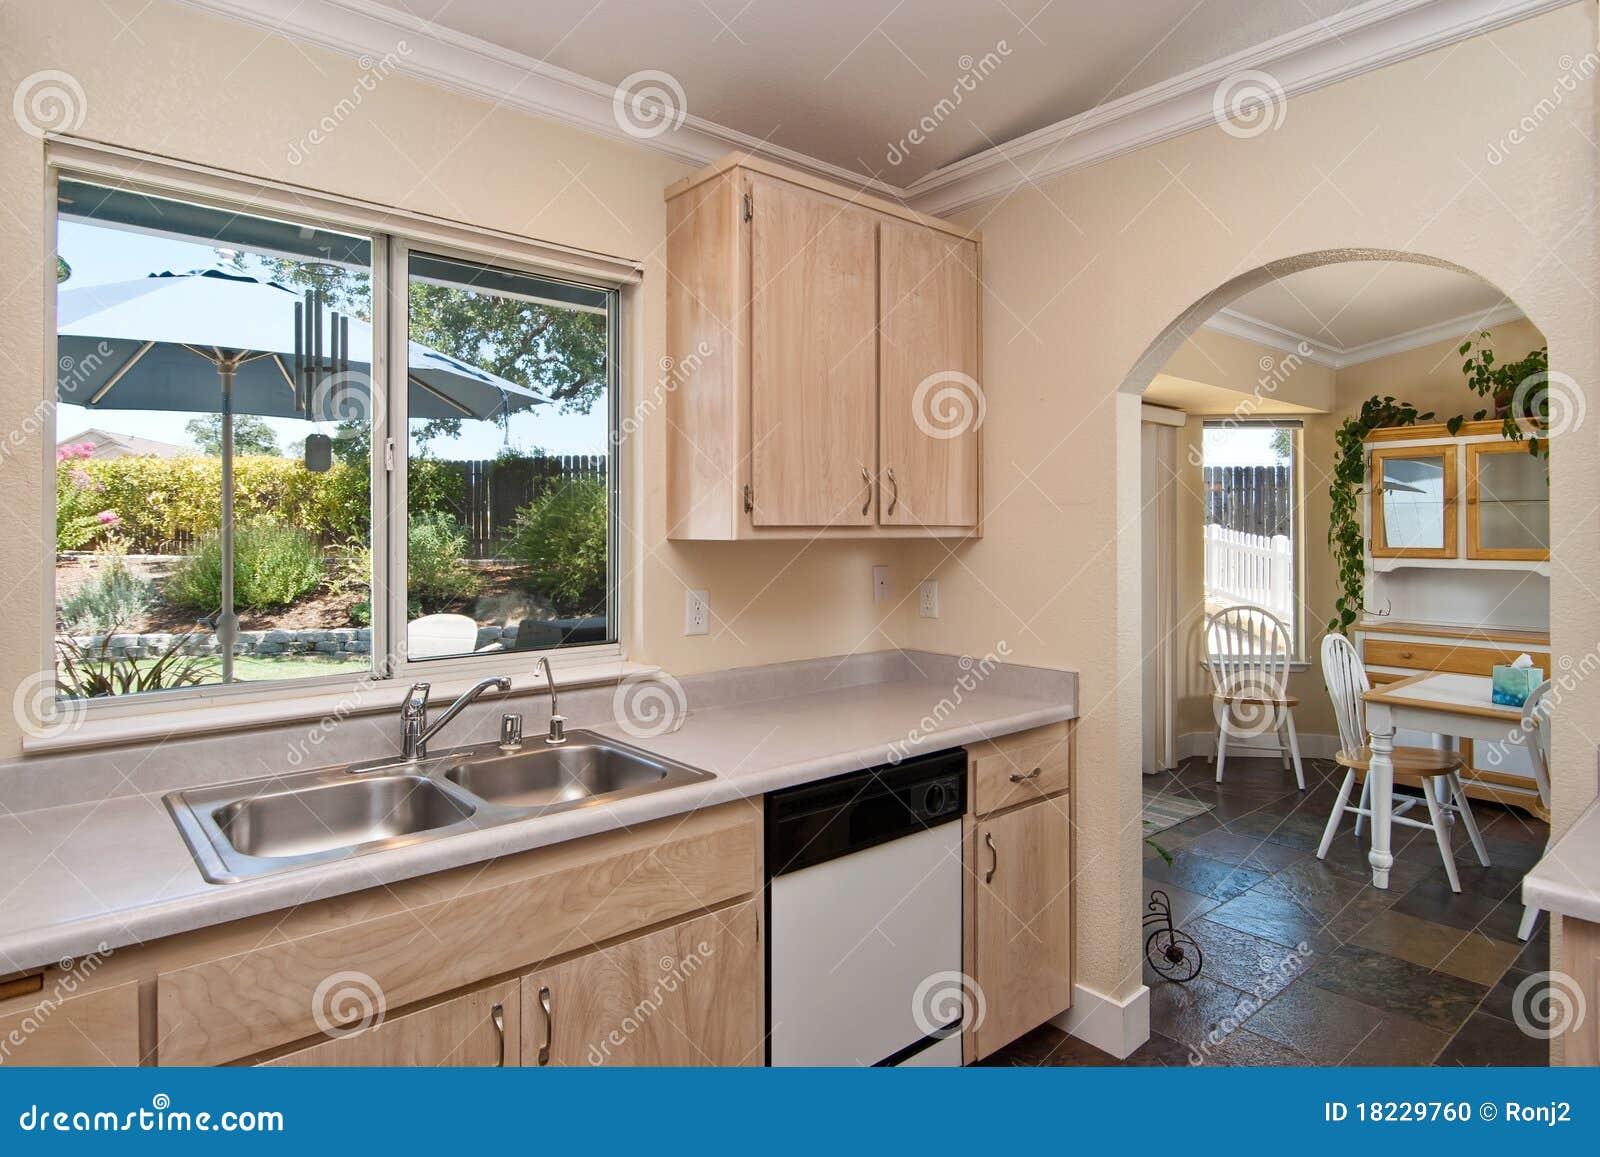 Cozinha Simples Foto de Stock Imagem: 18229760 #7F6B45 1300 957